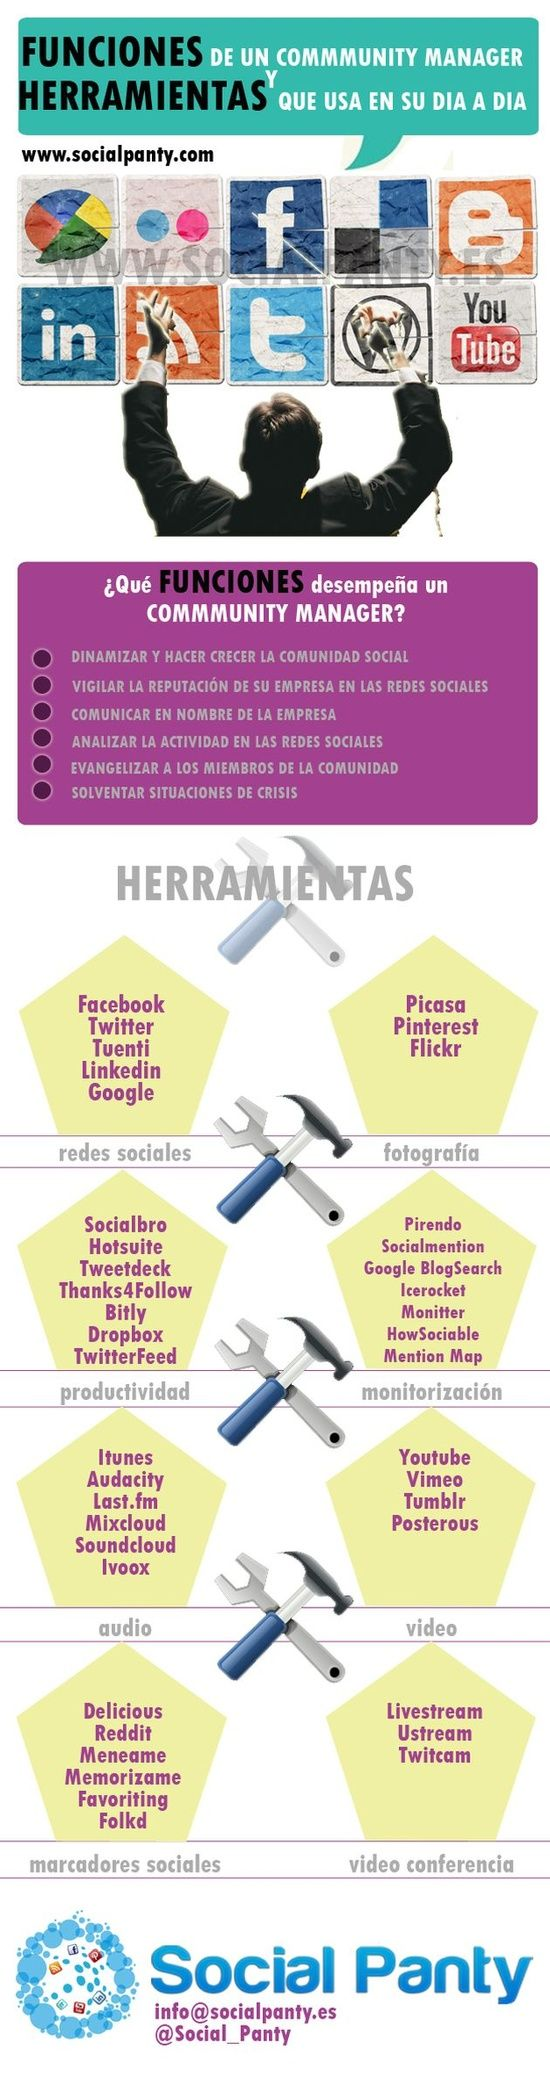 Infografía: Funciones de un Community Manager y las herramientas que utiliza  #socialmedia #communitymanager